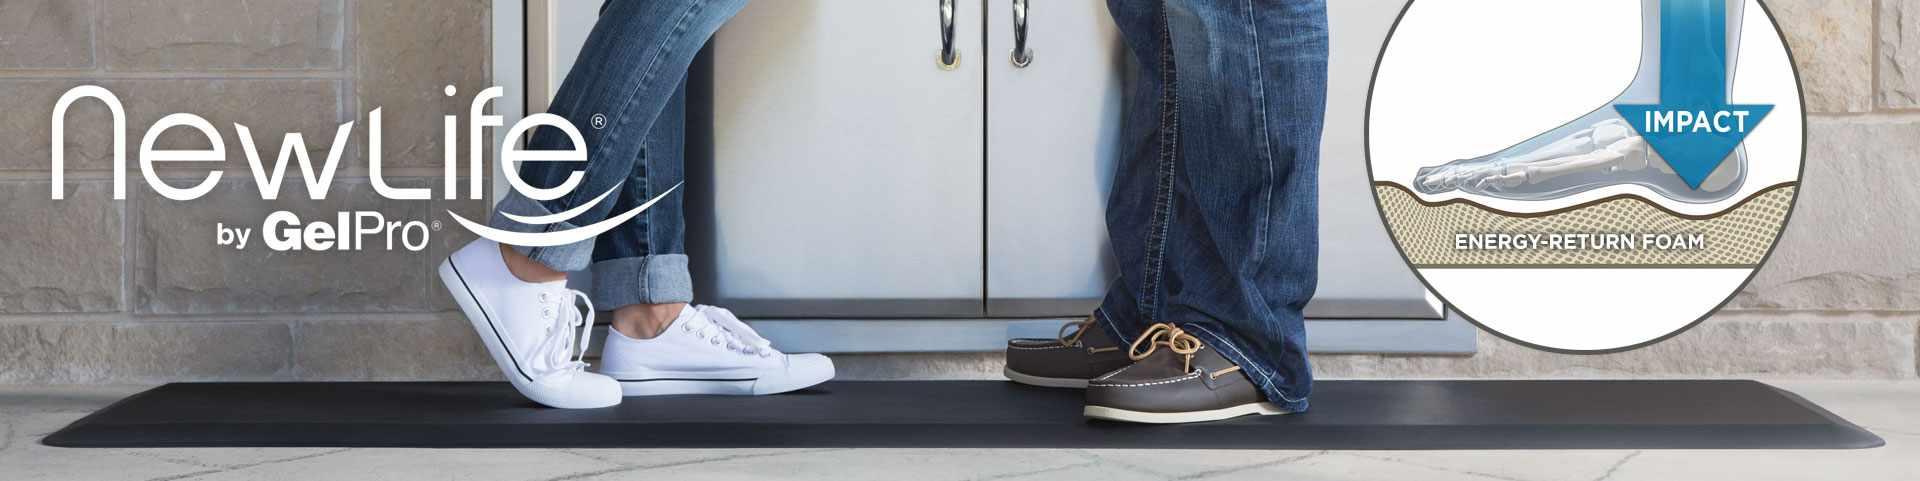 Newlife Bio Foam Comfort Floor Mats By Gelpro Provide